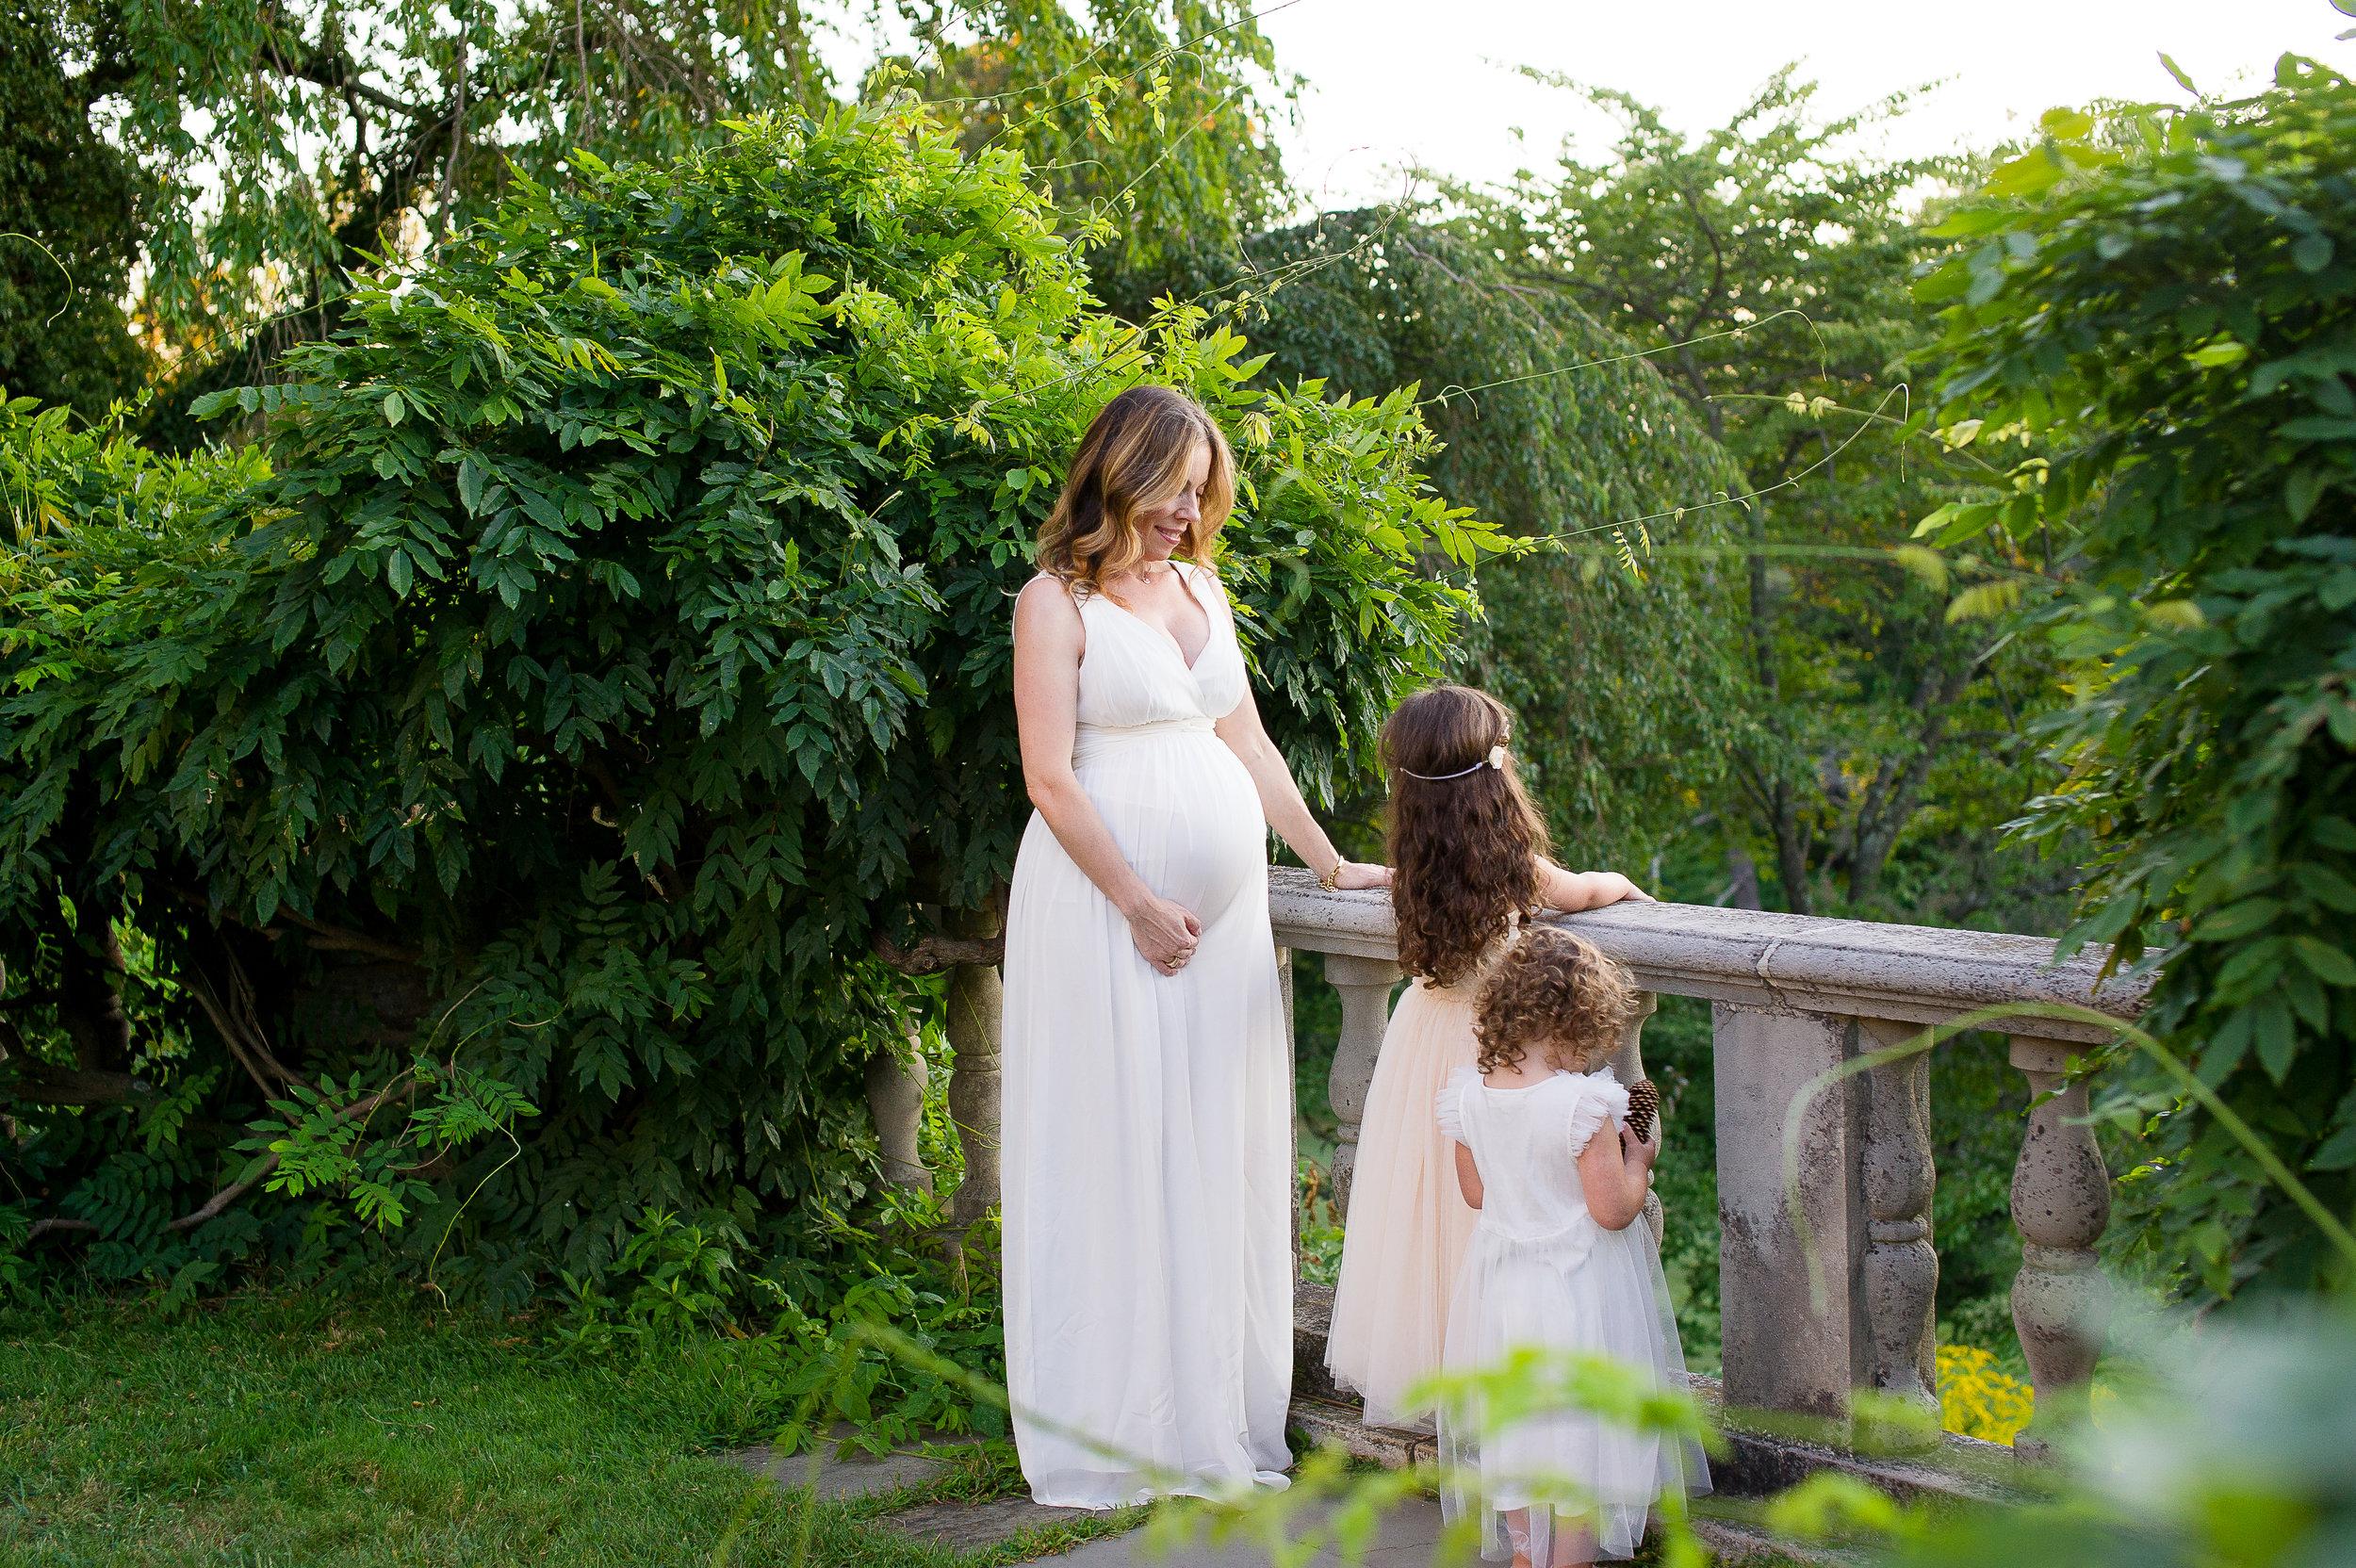 Clemente_Maternity-45.jpg